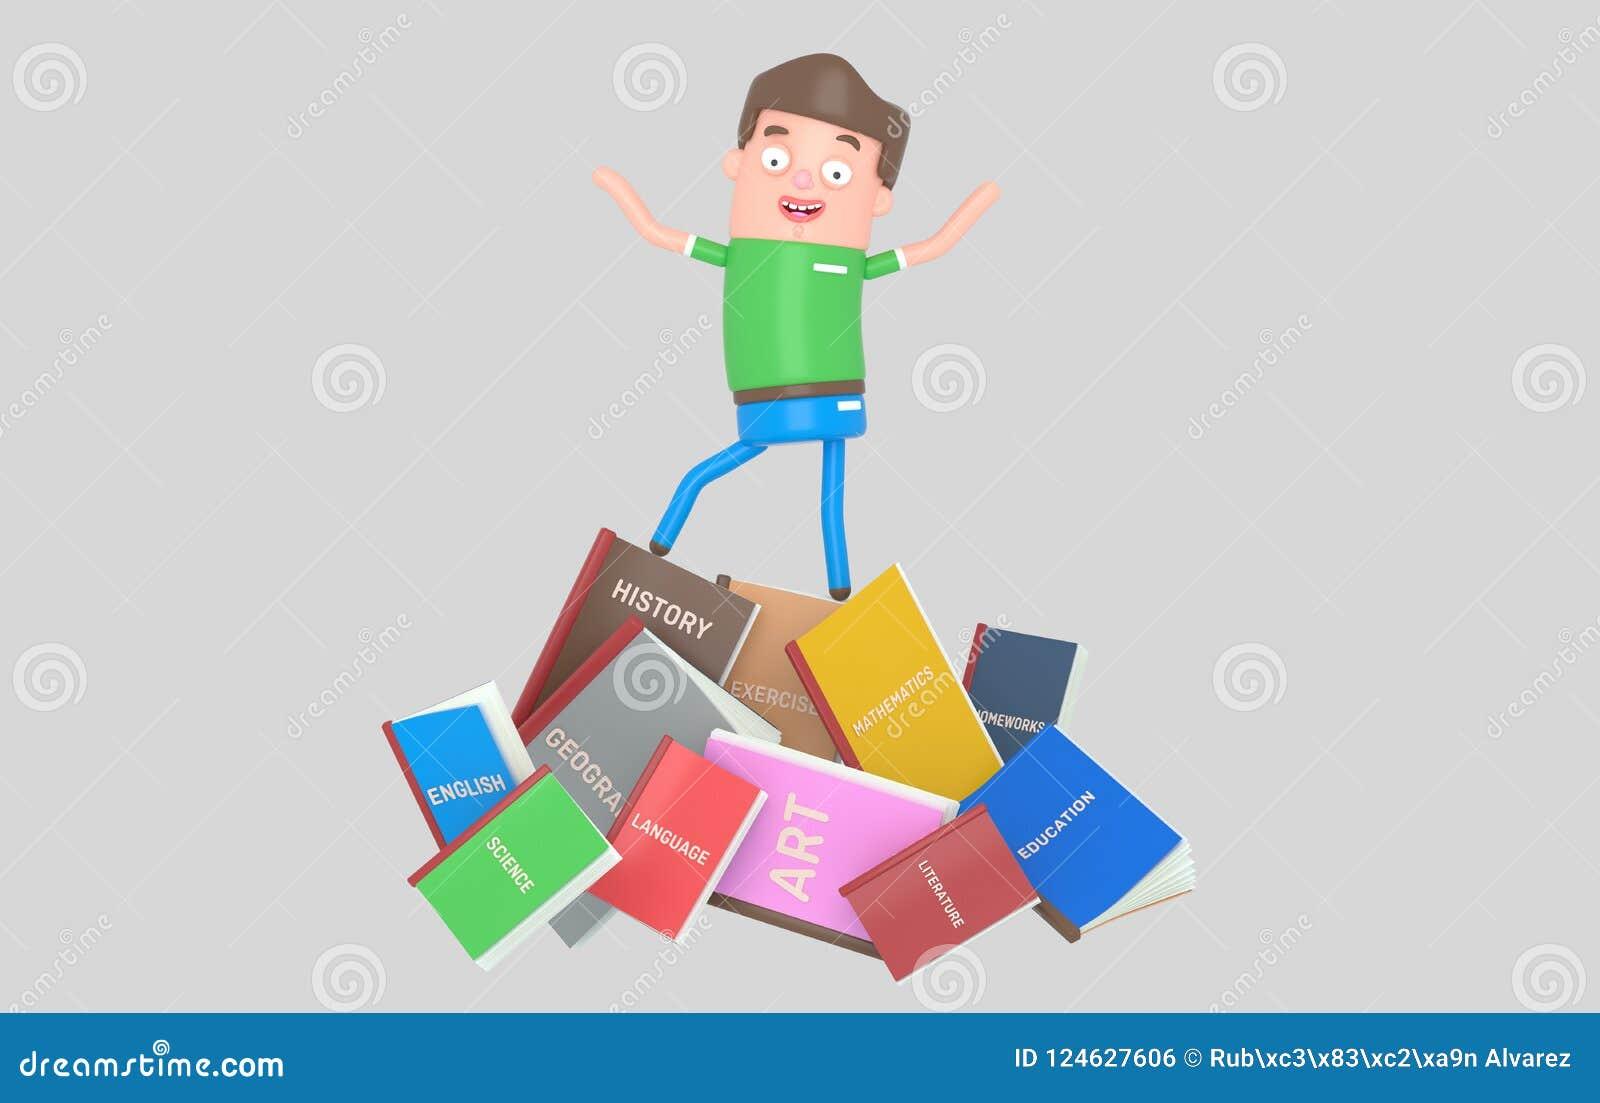 Studencka pozycja na stosie książki 3d illustratiion